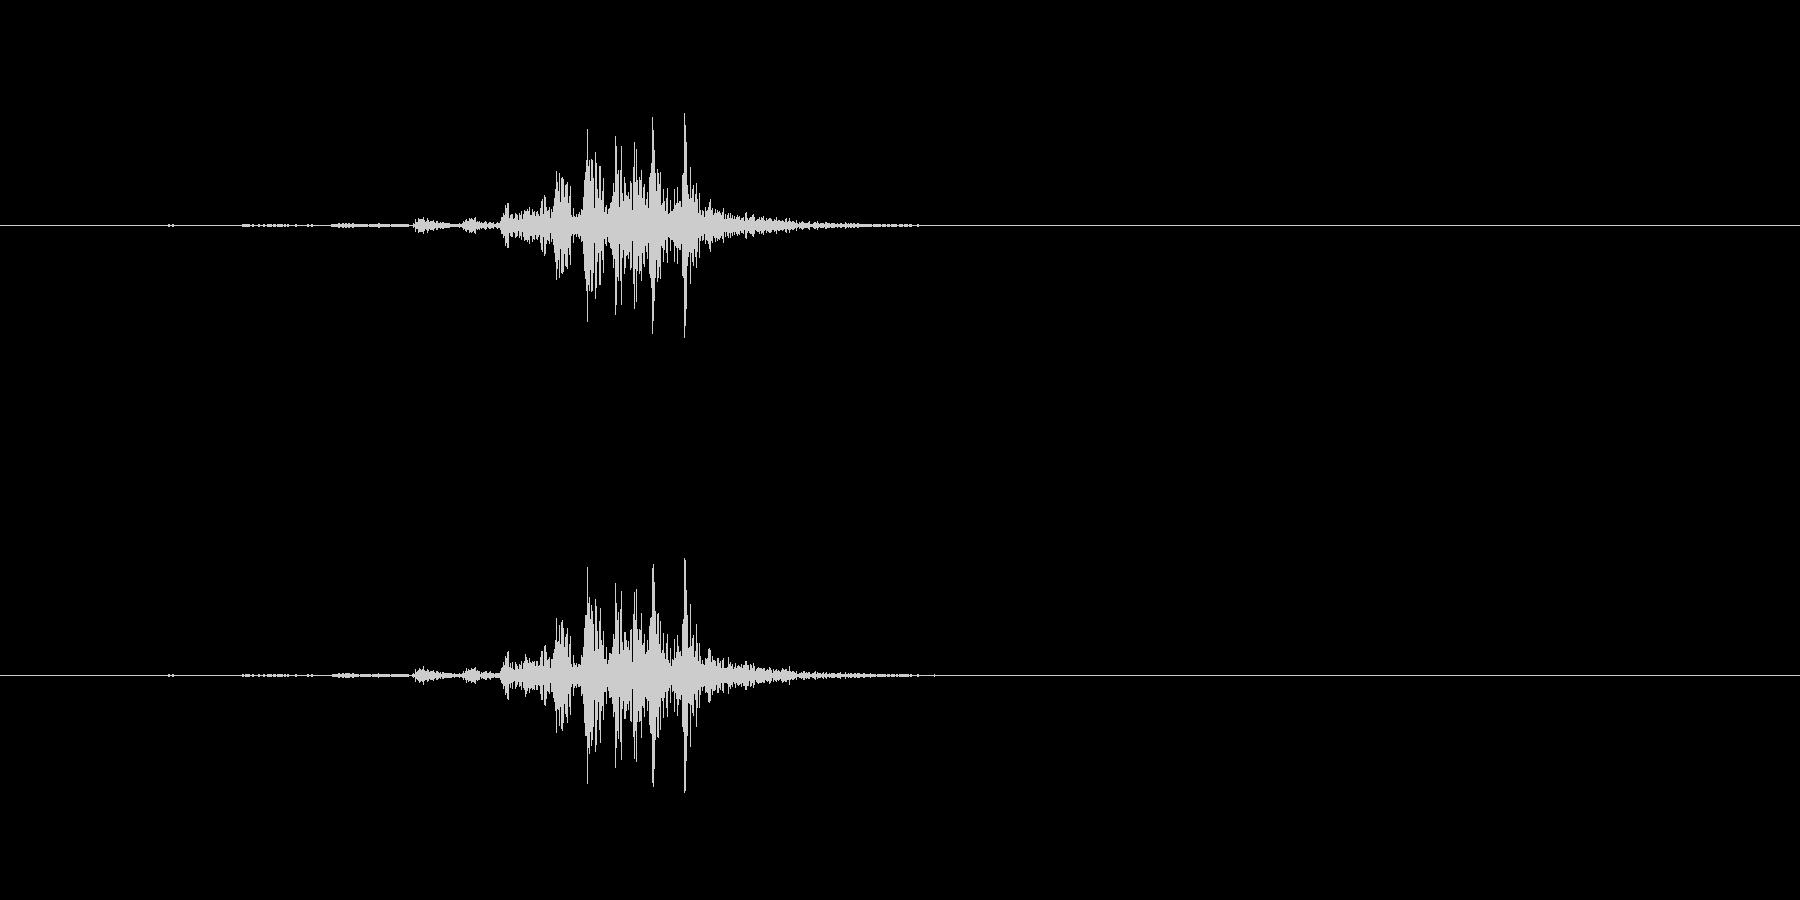 [生録音]ハサミで厚い紙を切る音の未再生の波形